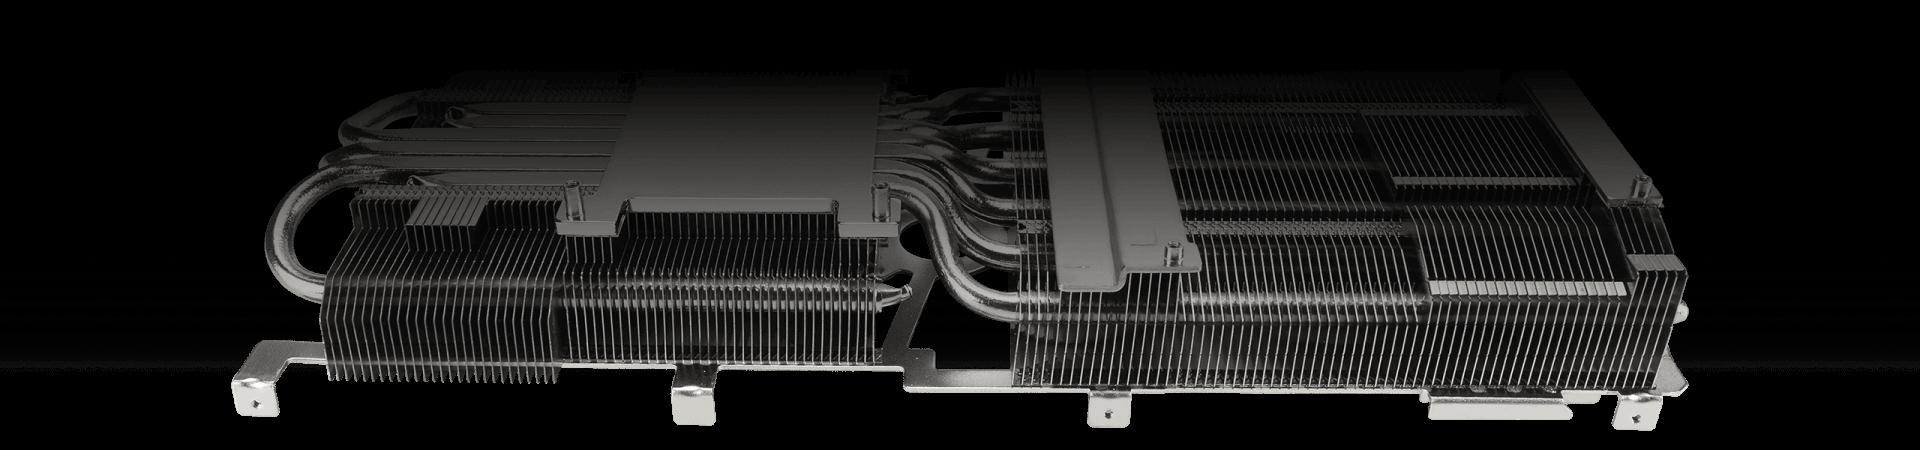 Card màn hình Asus TUF-RTX3080-10G-GAMING